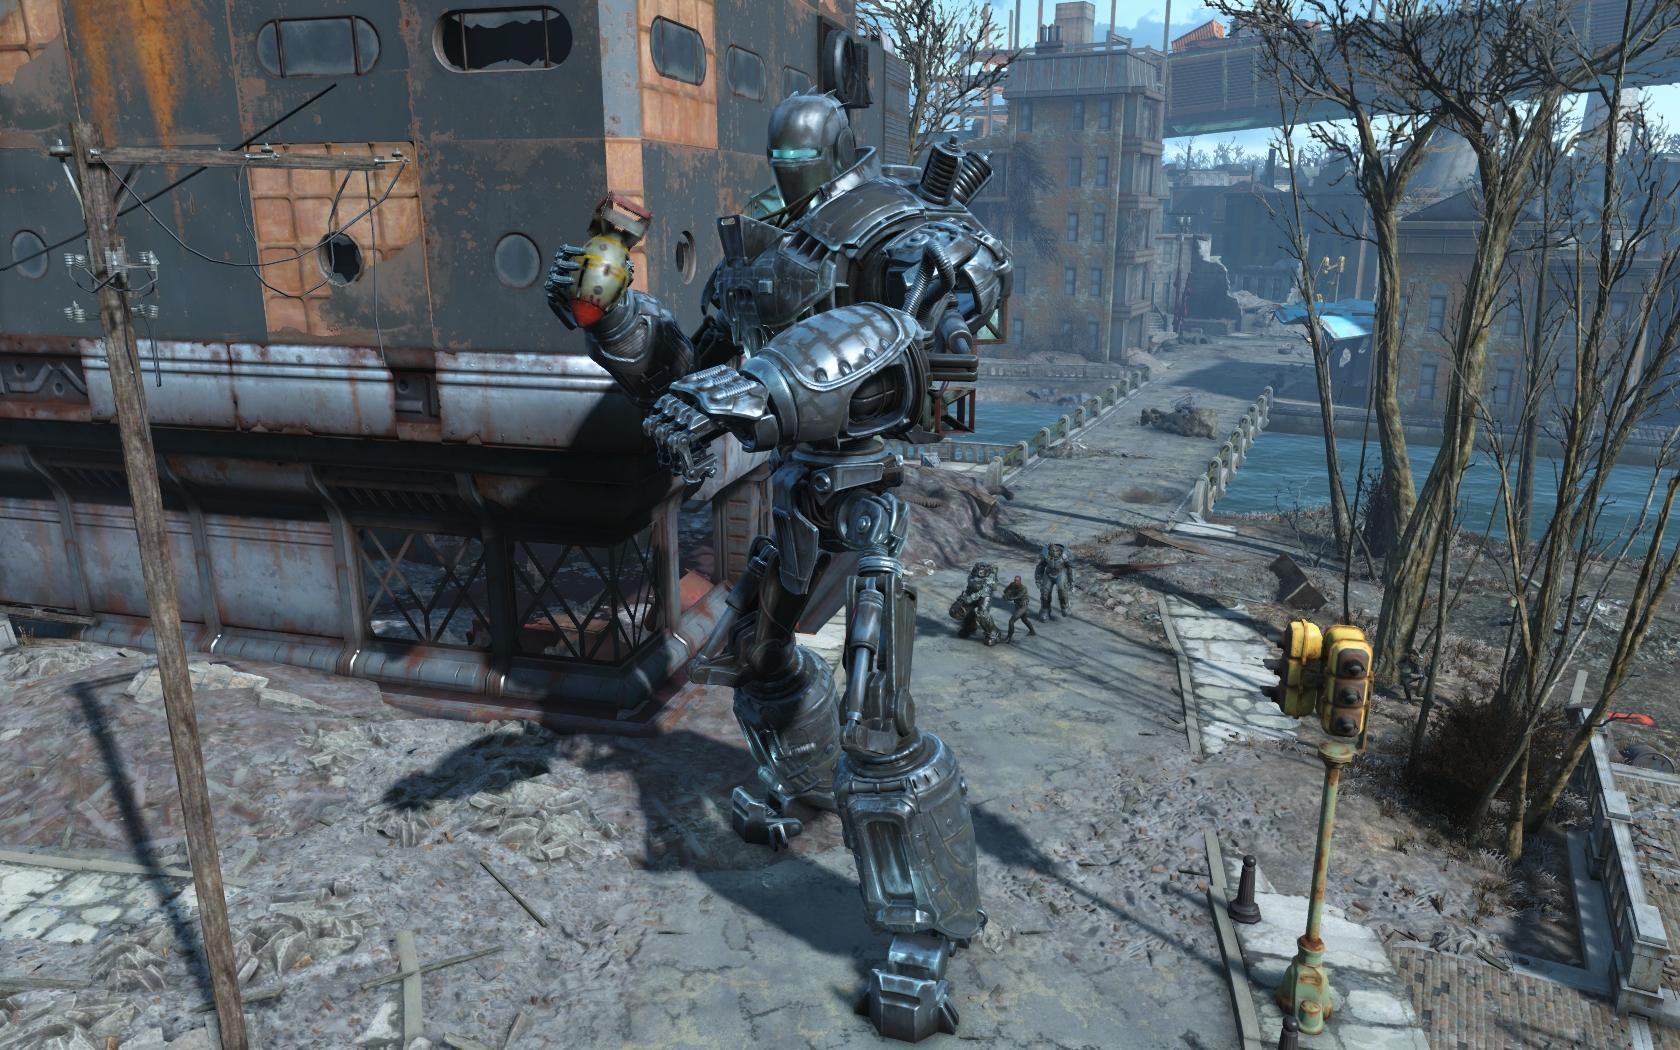 Либерти Прайм (квест Ad Victoriam) #11 - Fallout 4 Братство Стали, Либерти Прайм